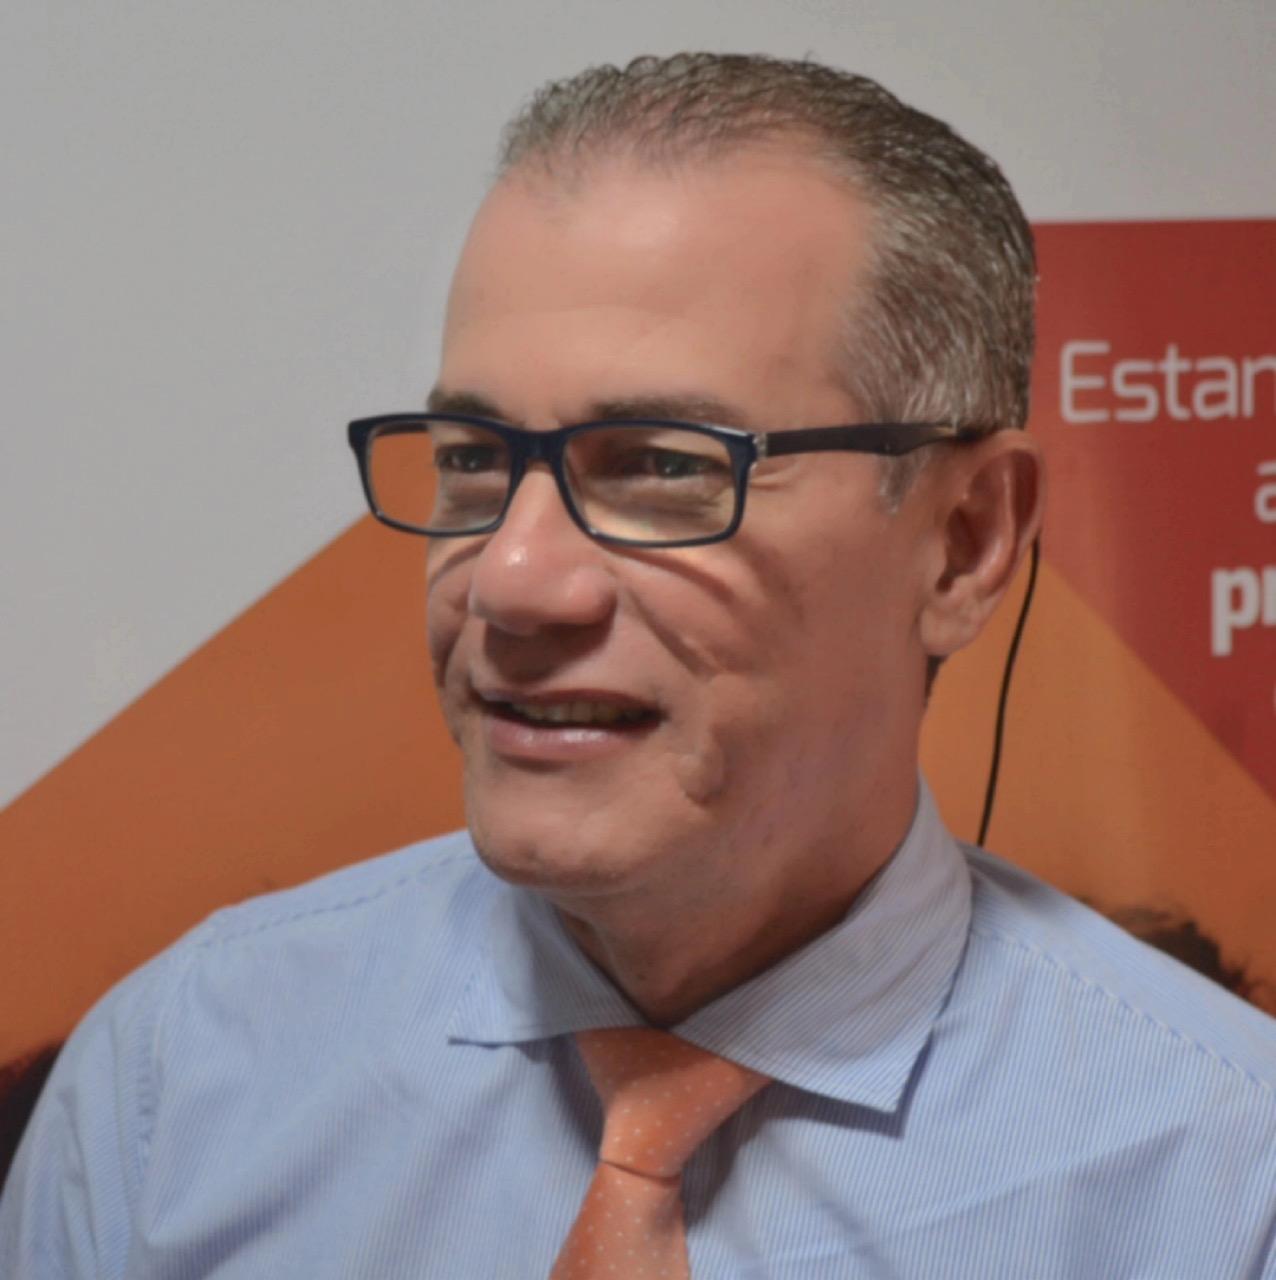 Rafael Lugo Perez